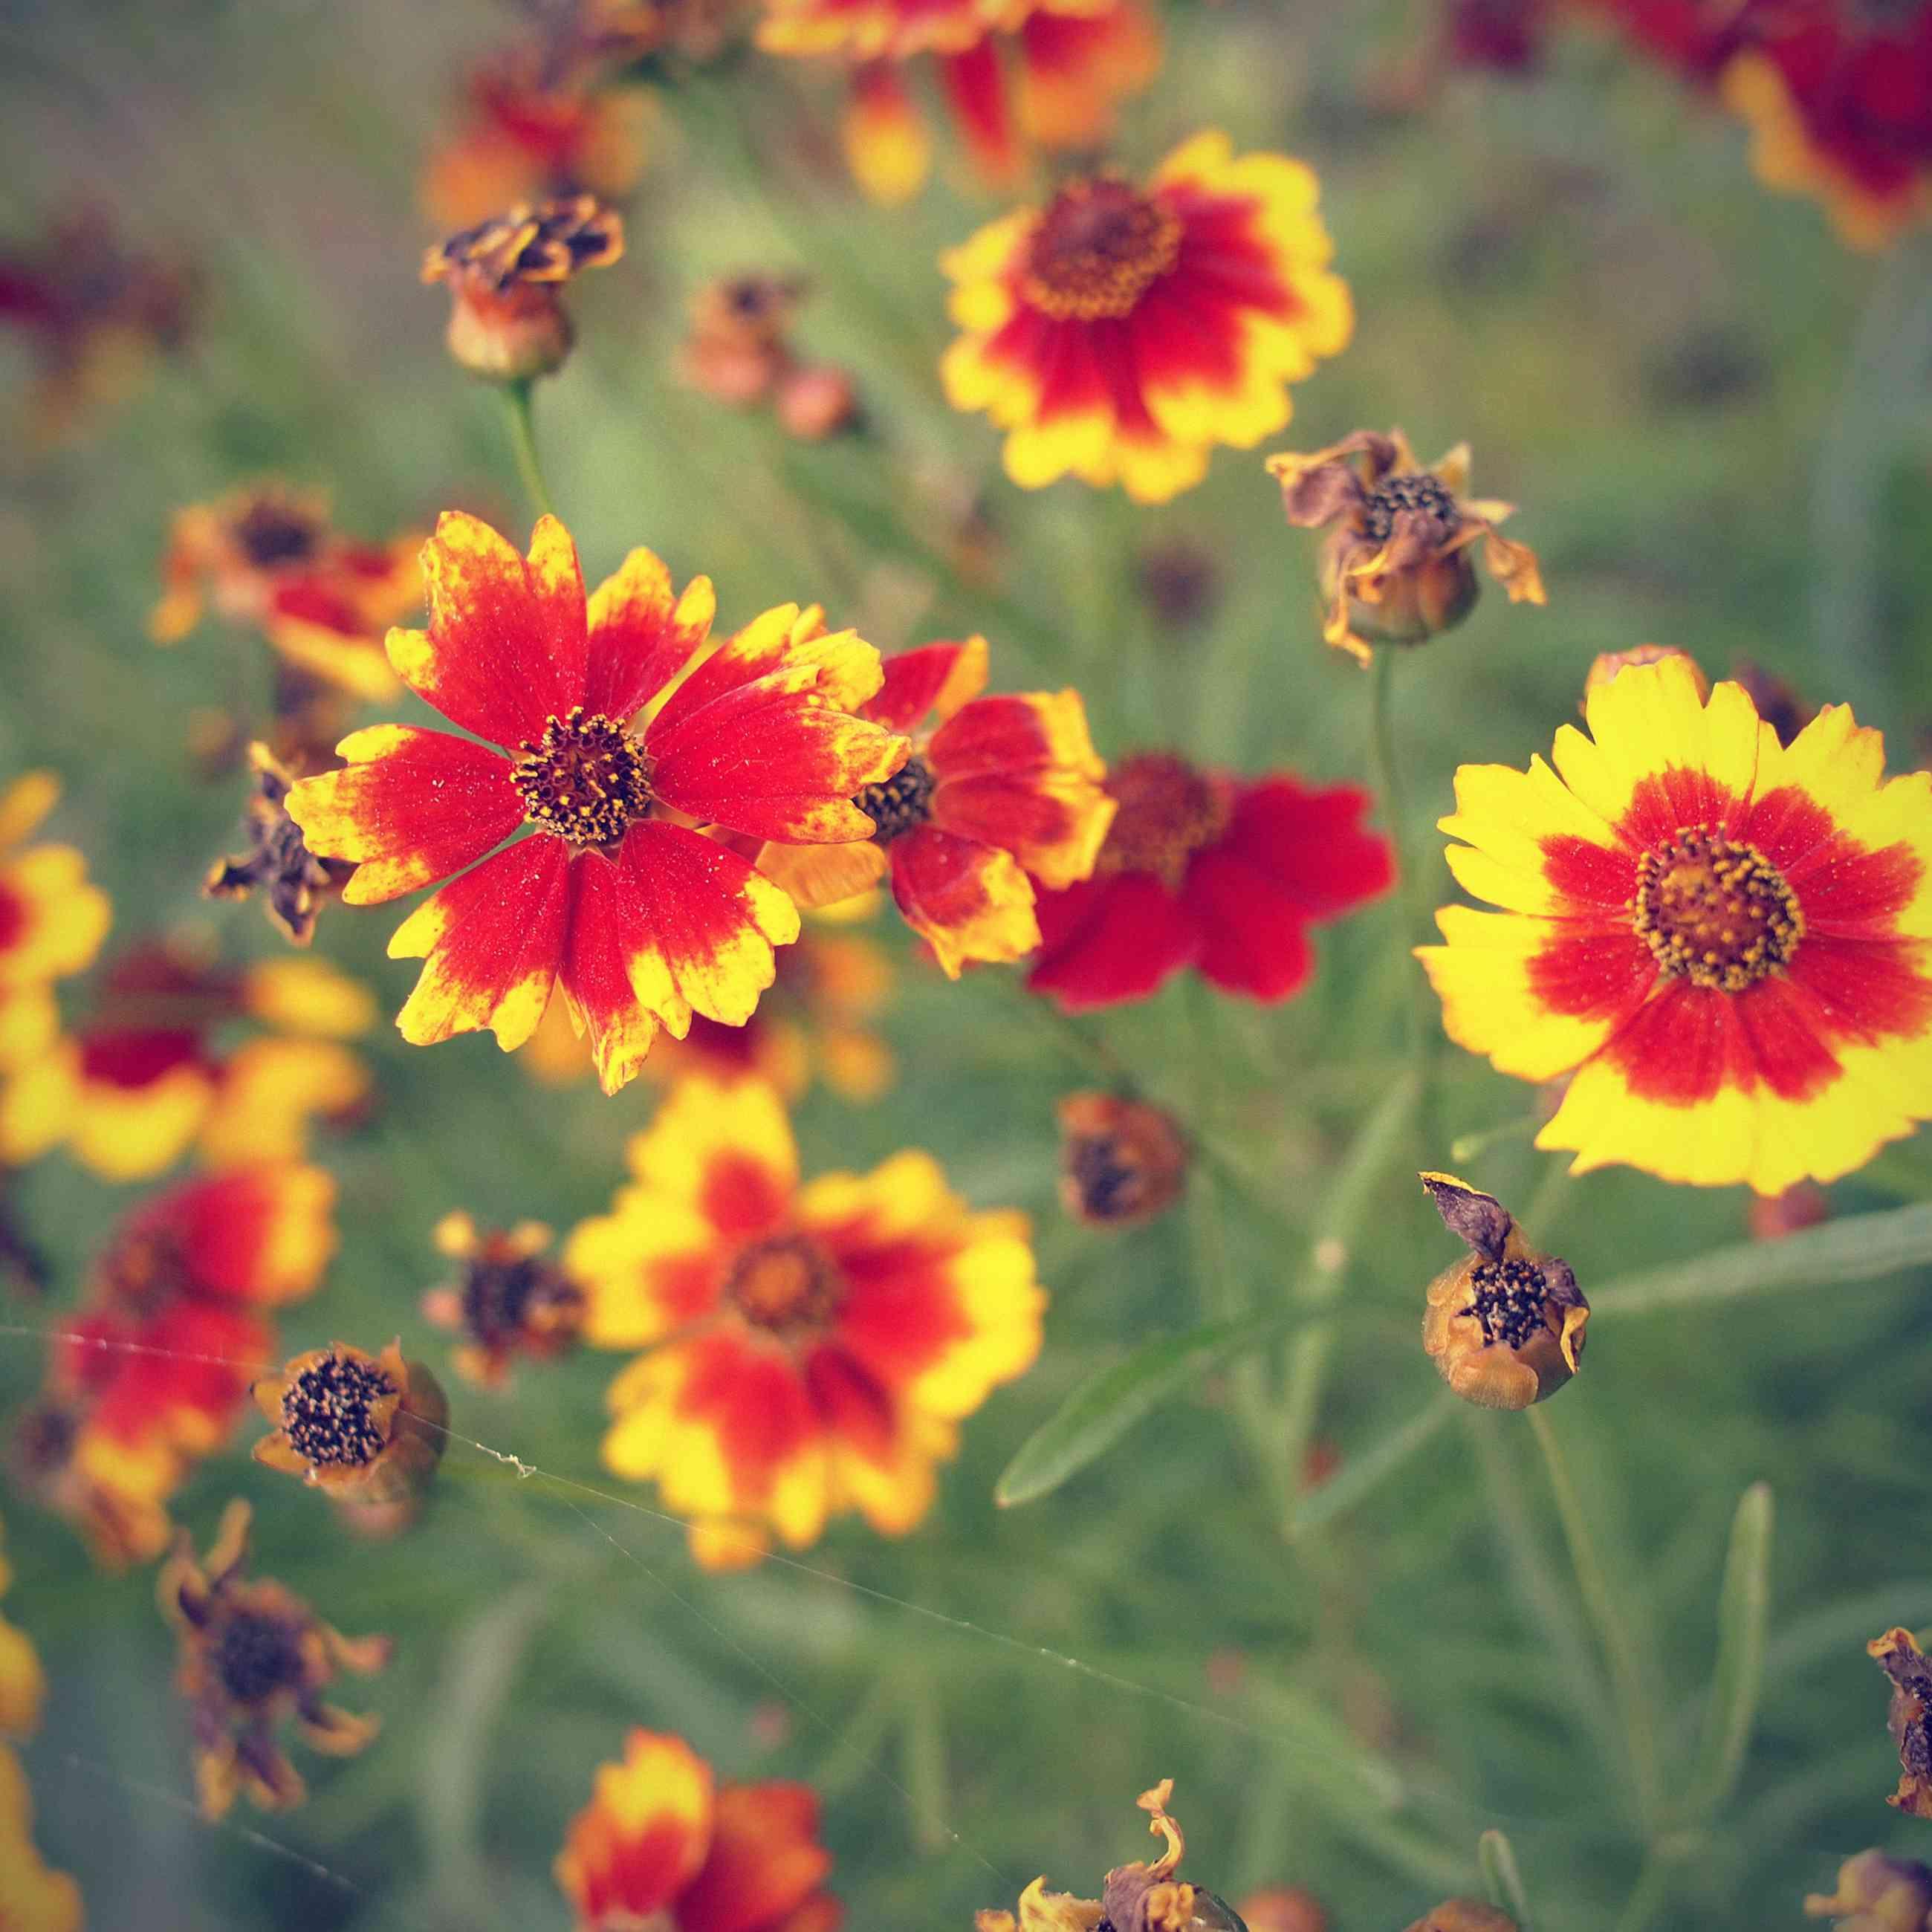 Foto retro de flores de coreopsis